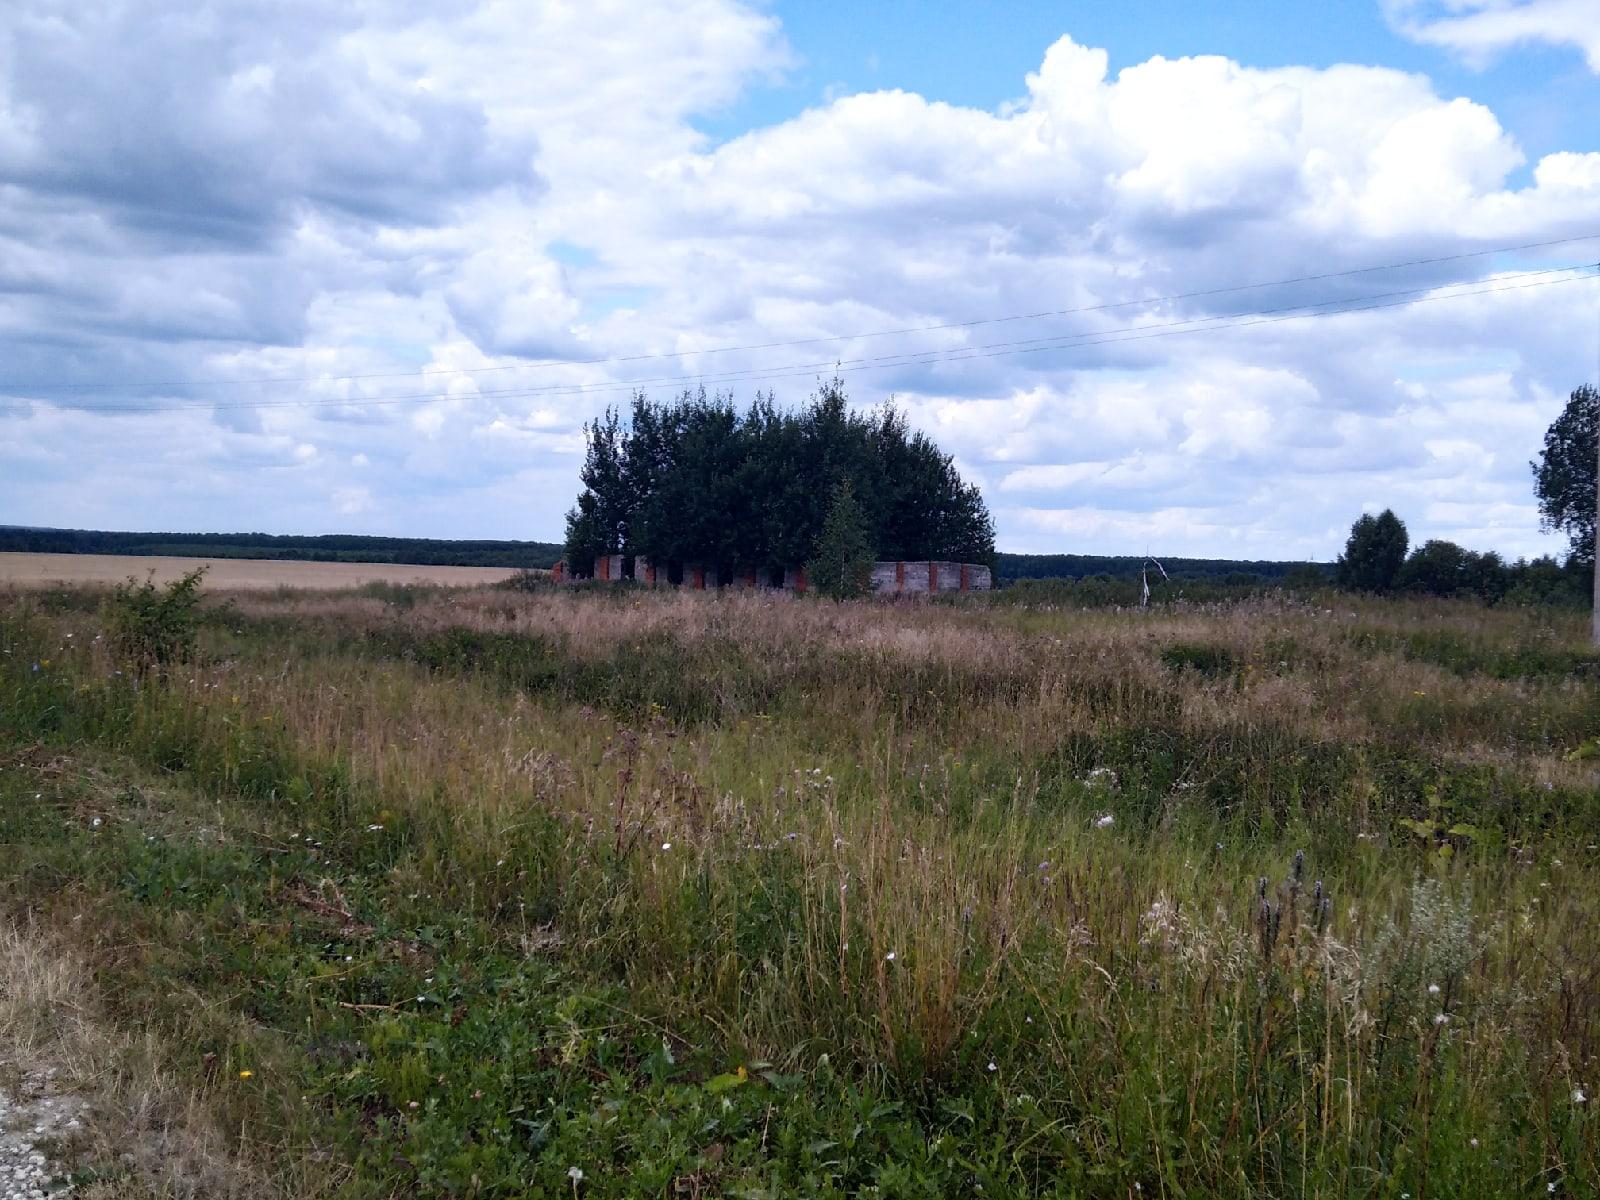 Деревня Веселовка, Юрьев - Польского района, Владимирской области, 2021 - Фото